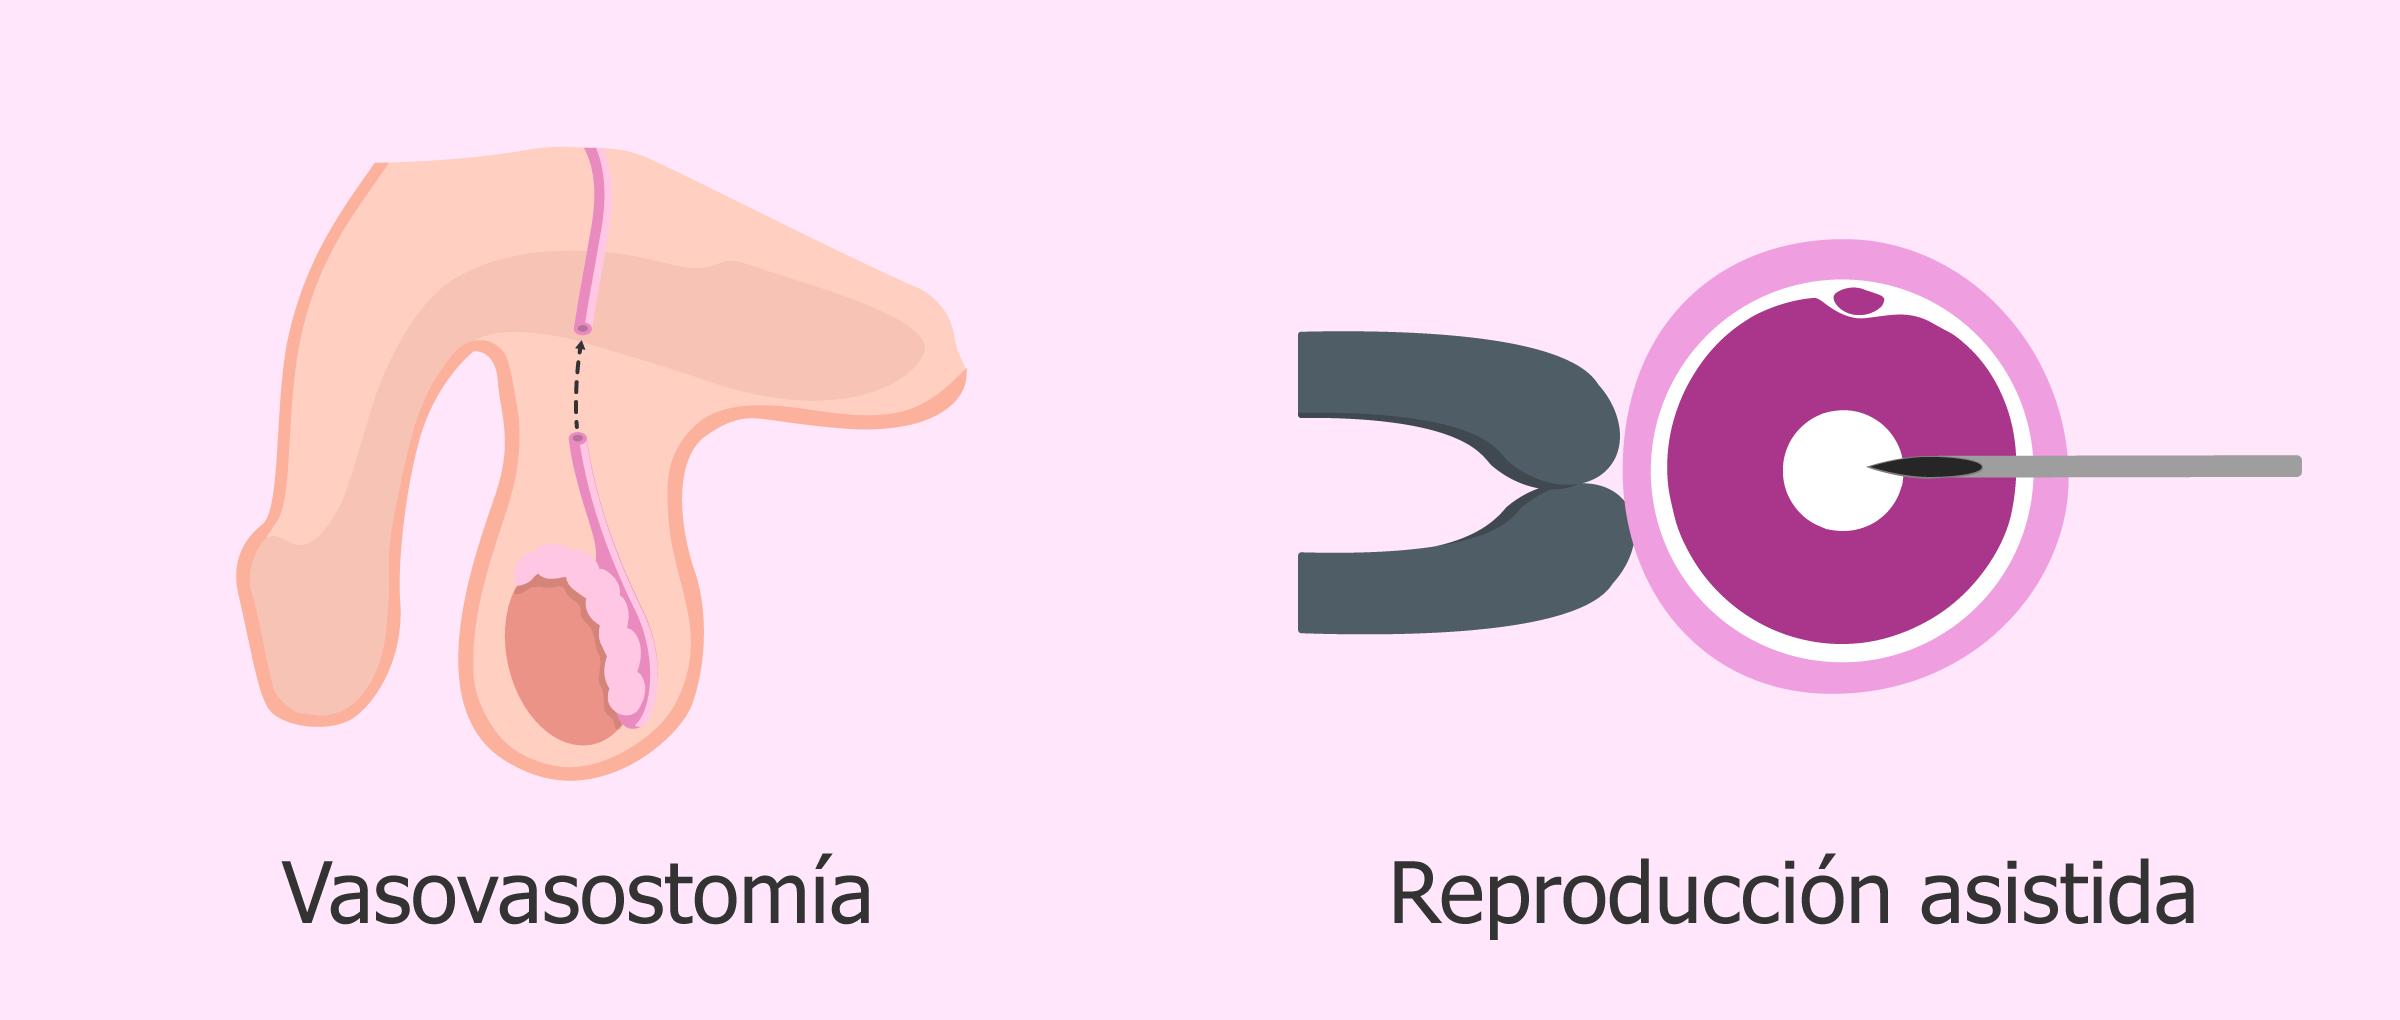 Paternidad y esterilización